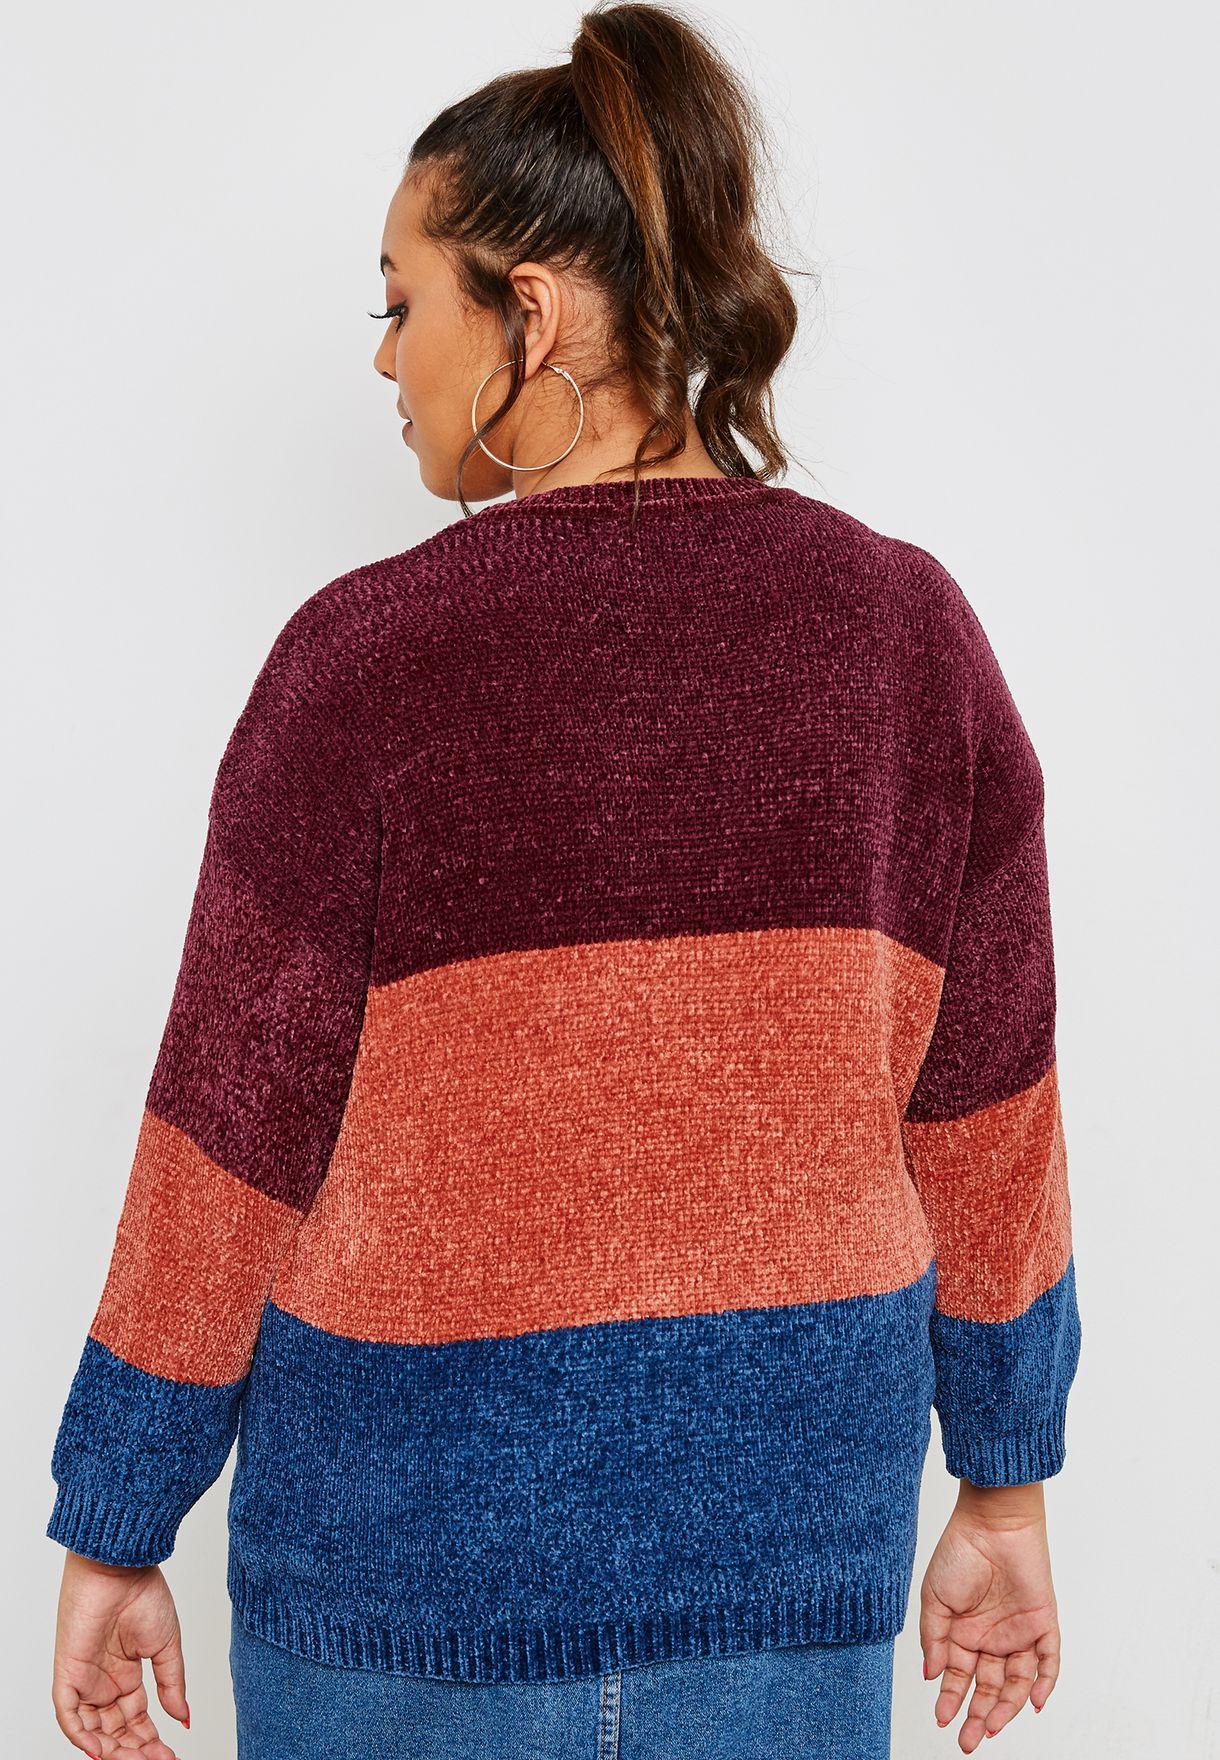 Colourblock Striped Sweater